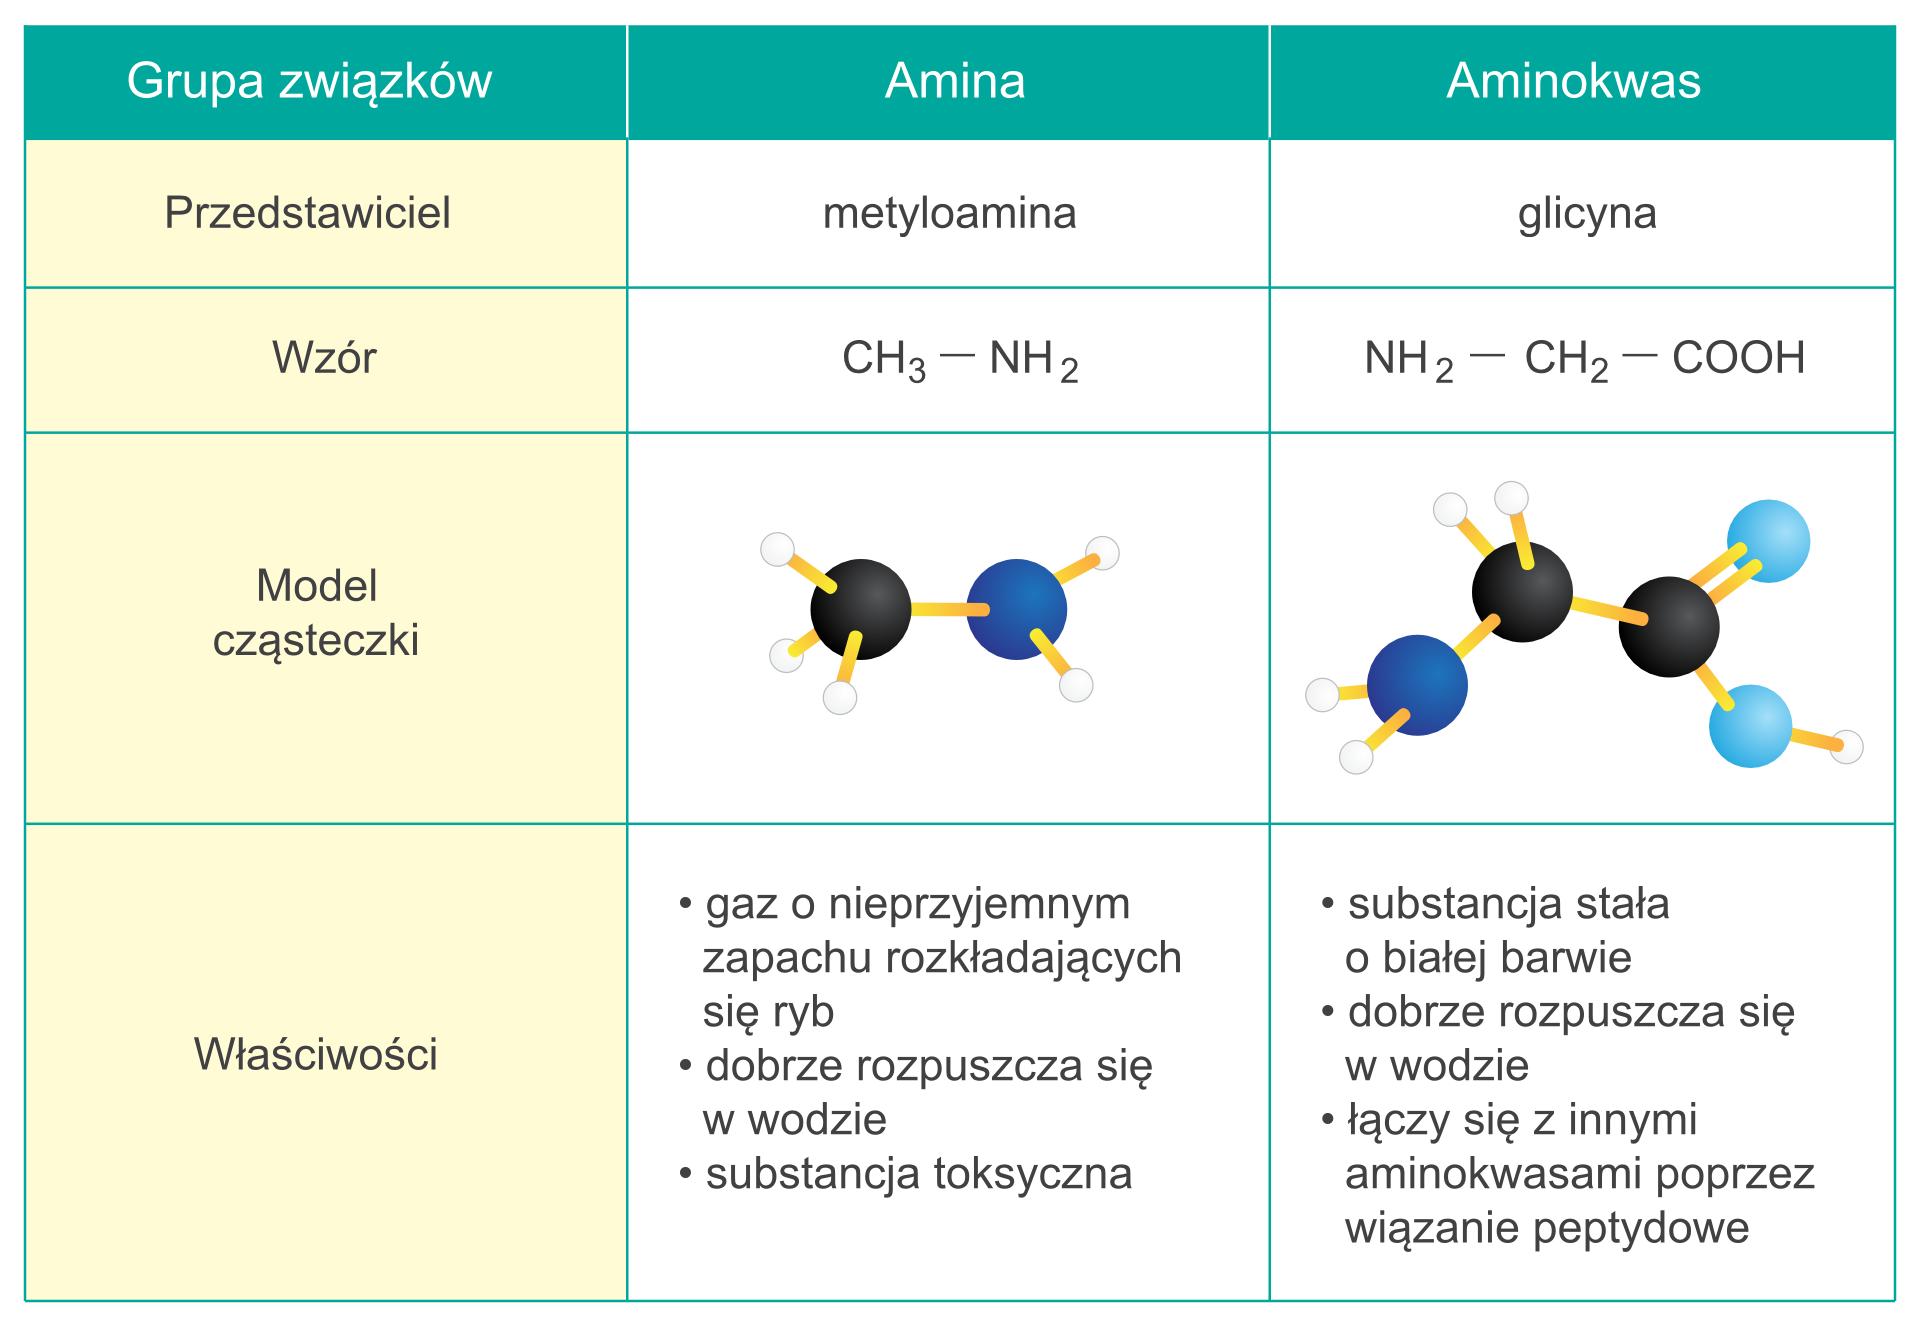 Aminy_aminokwasy_AW